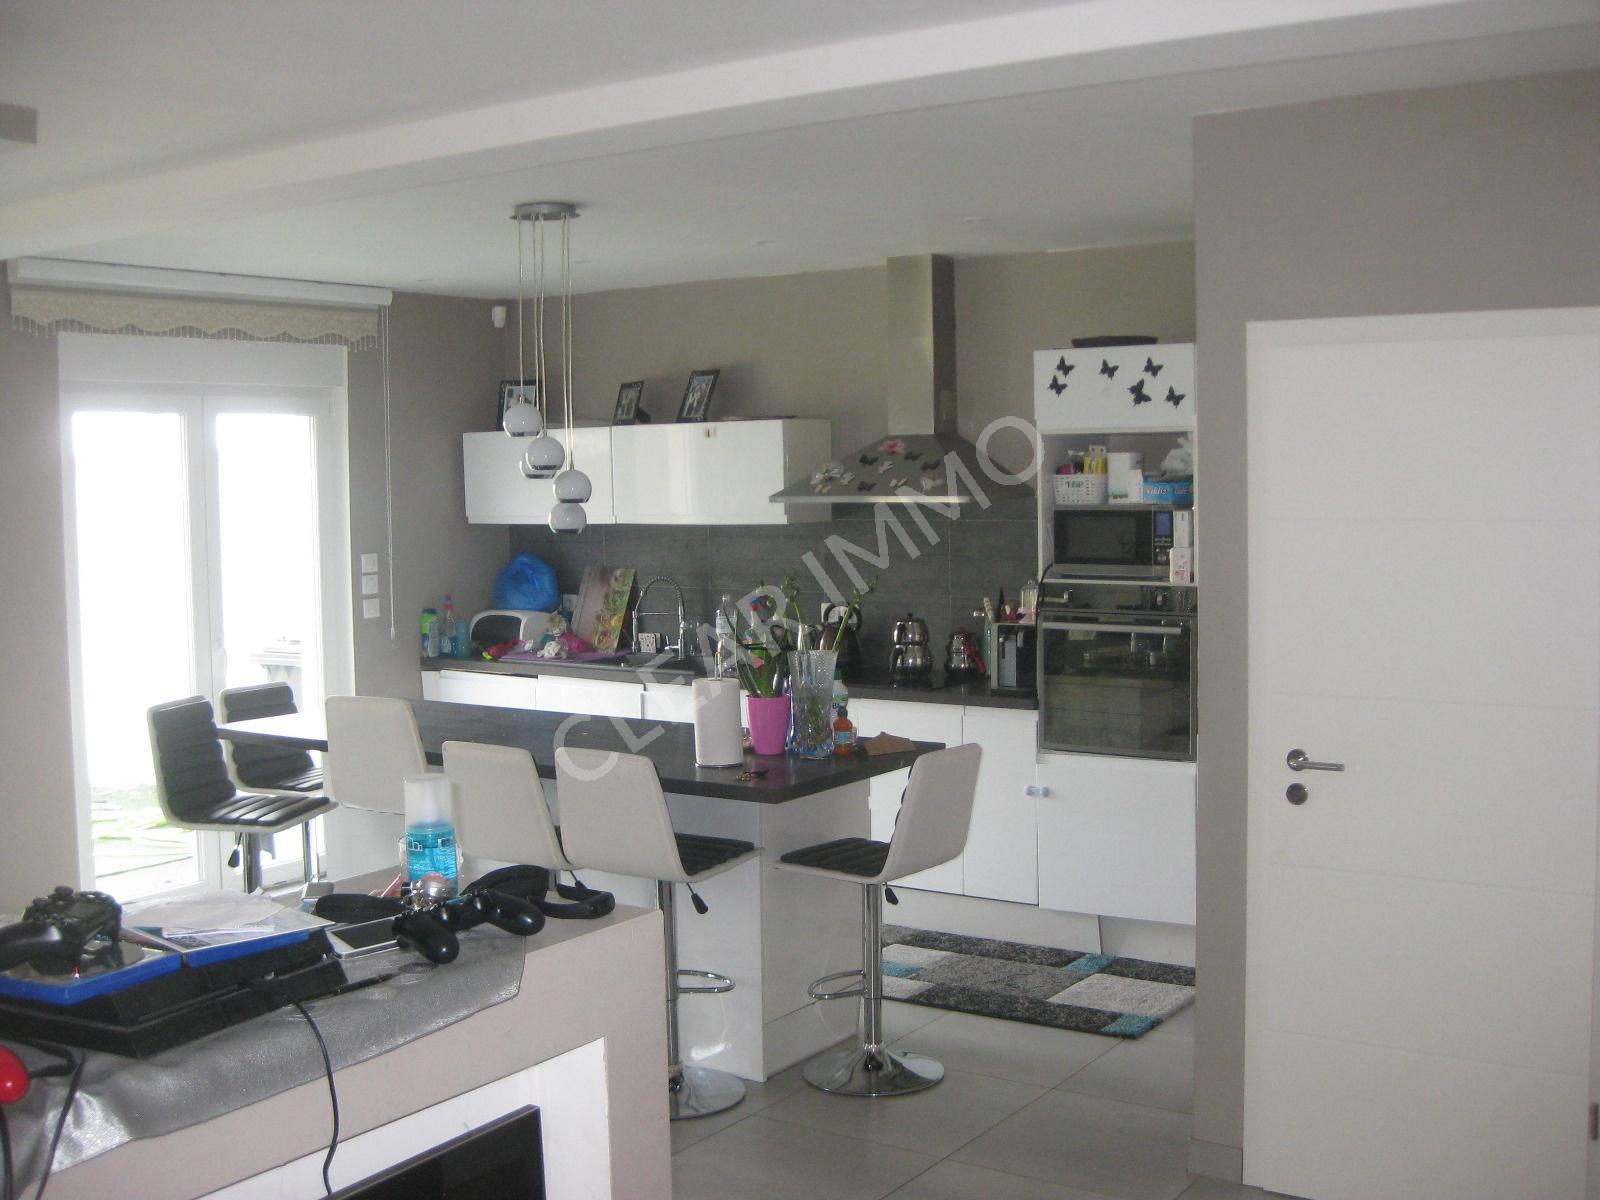 Annonce vente maison 125 m 249 000 992741649264 for Assurance auto et maison